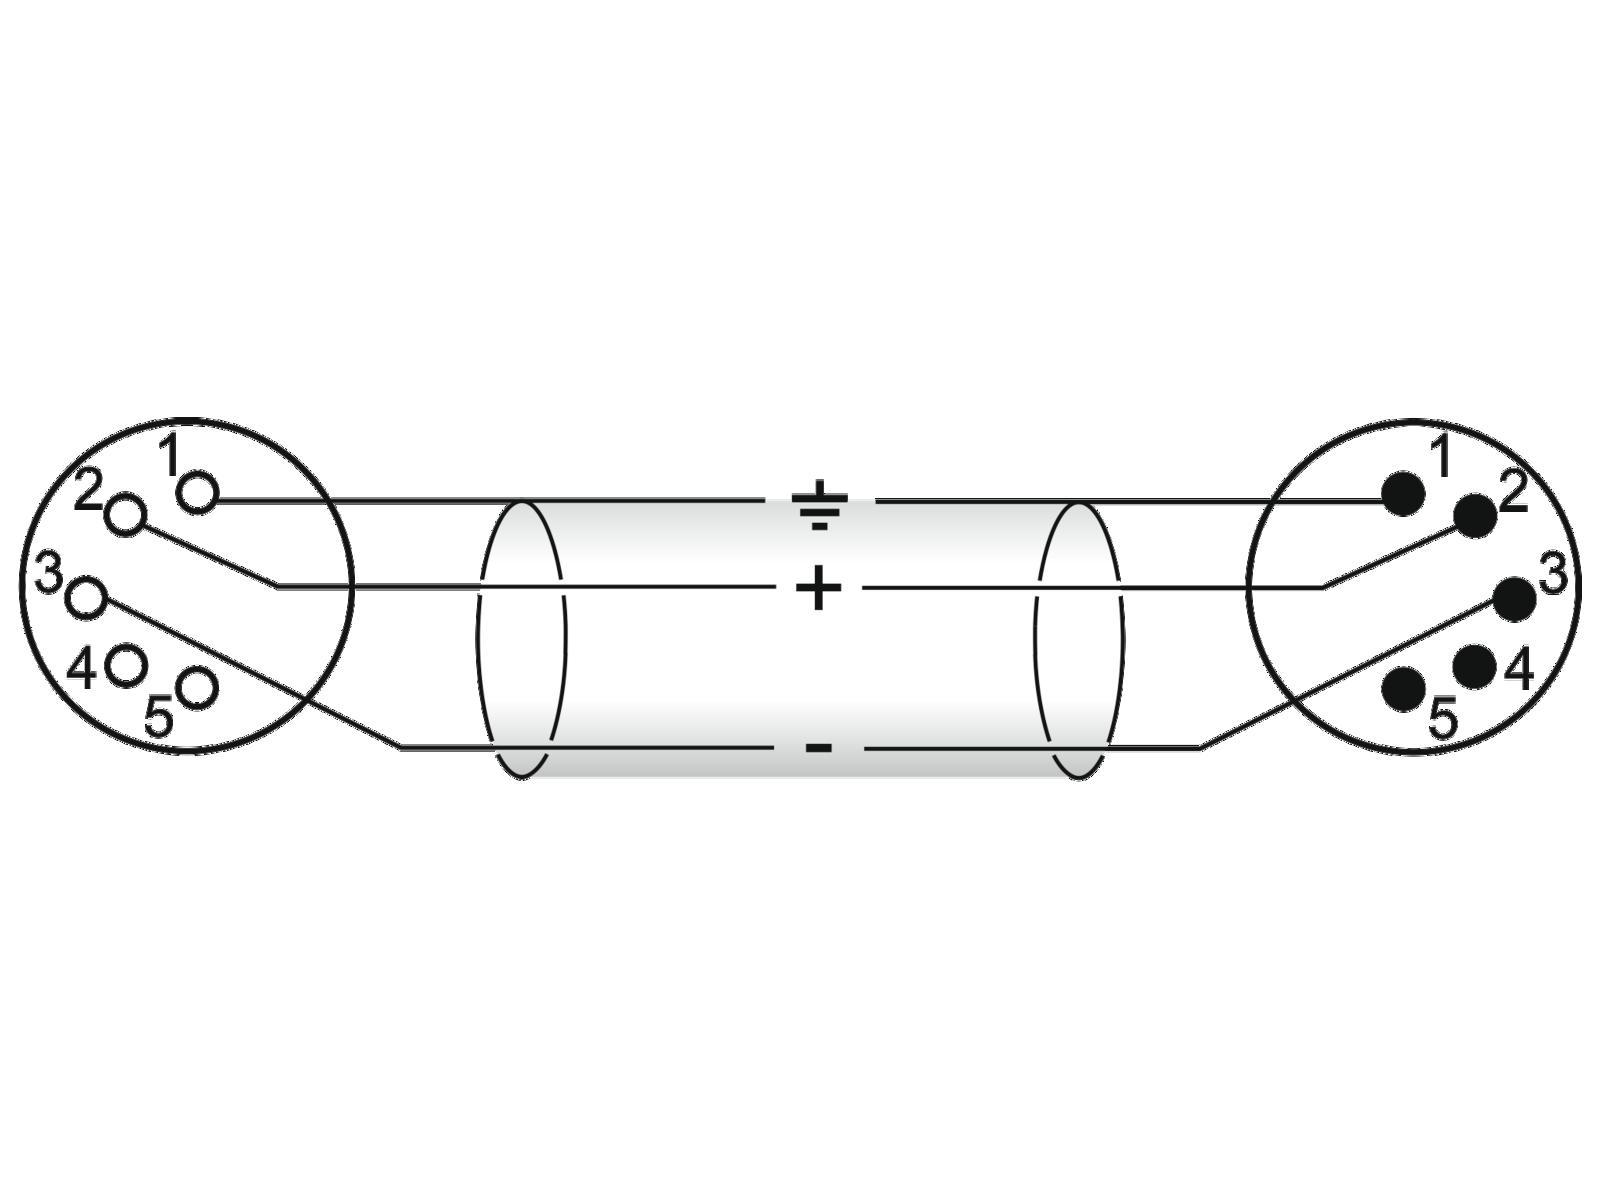 OMNITRONIC cavo XLR 5pin 10m bk